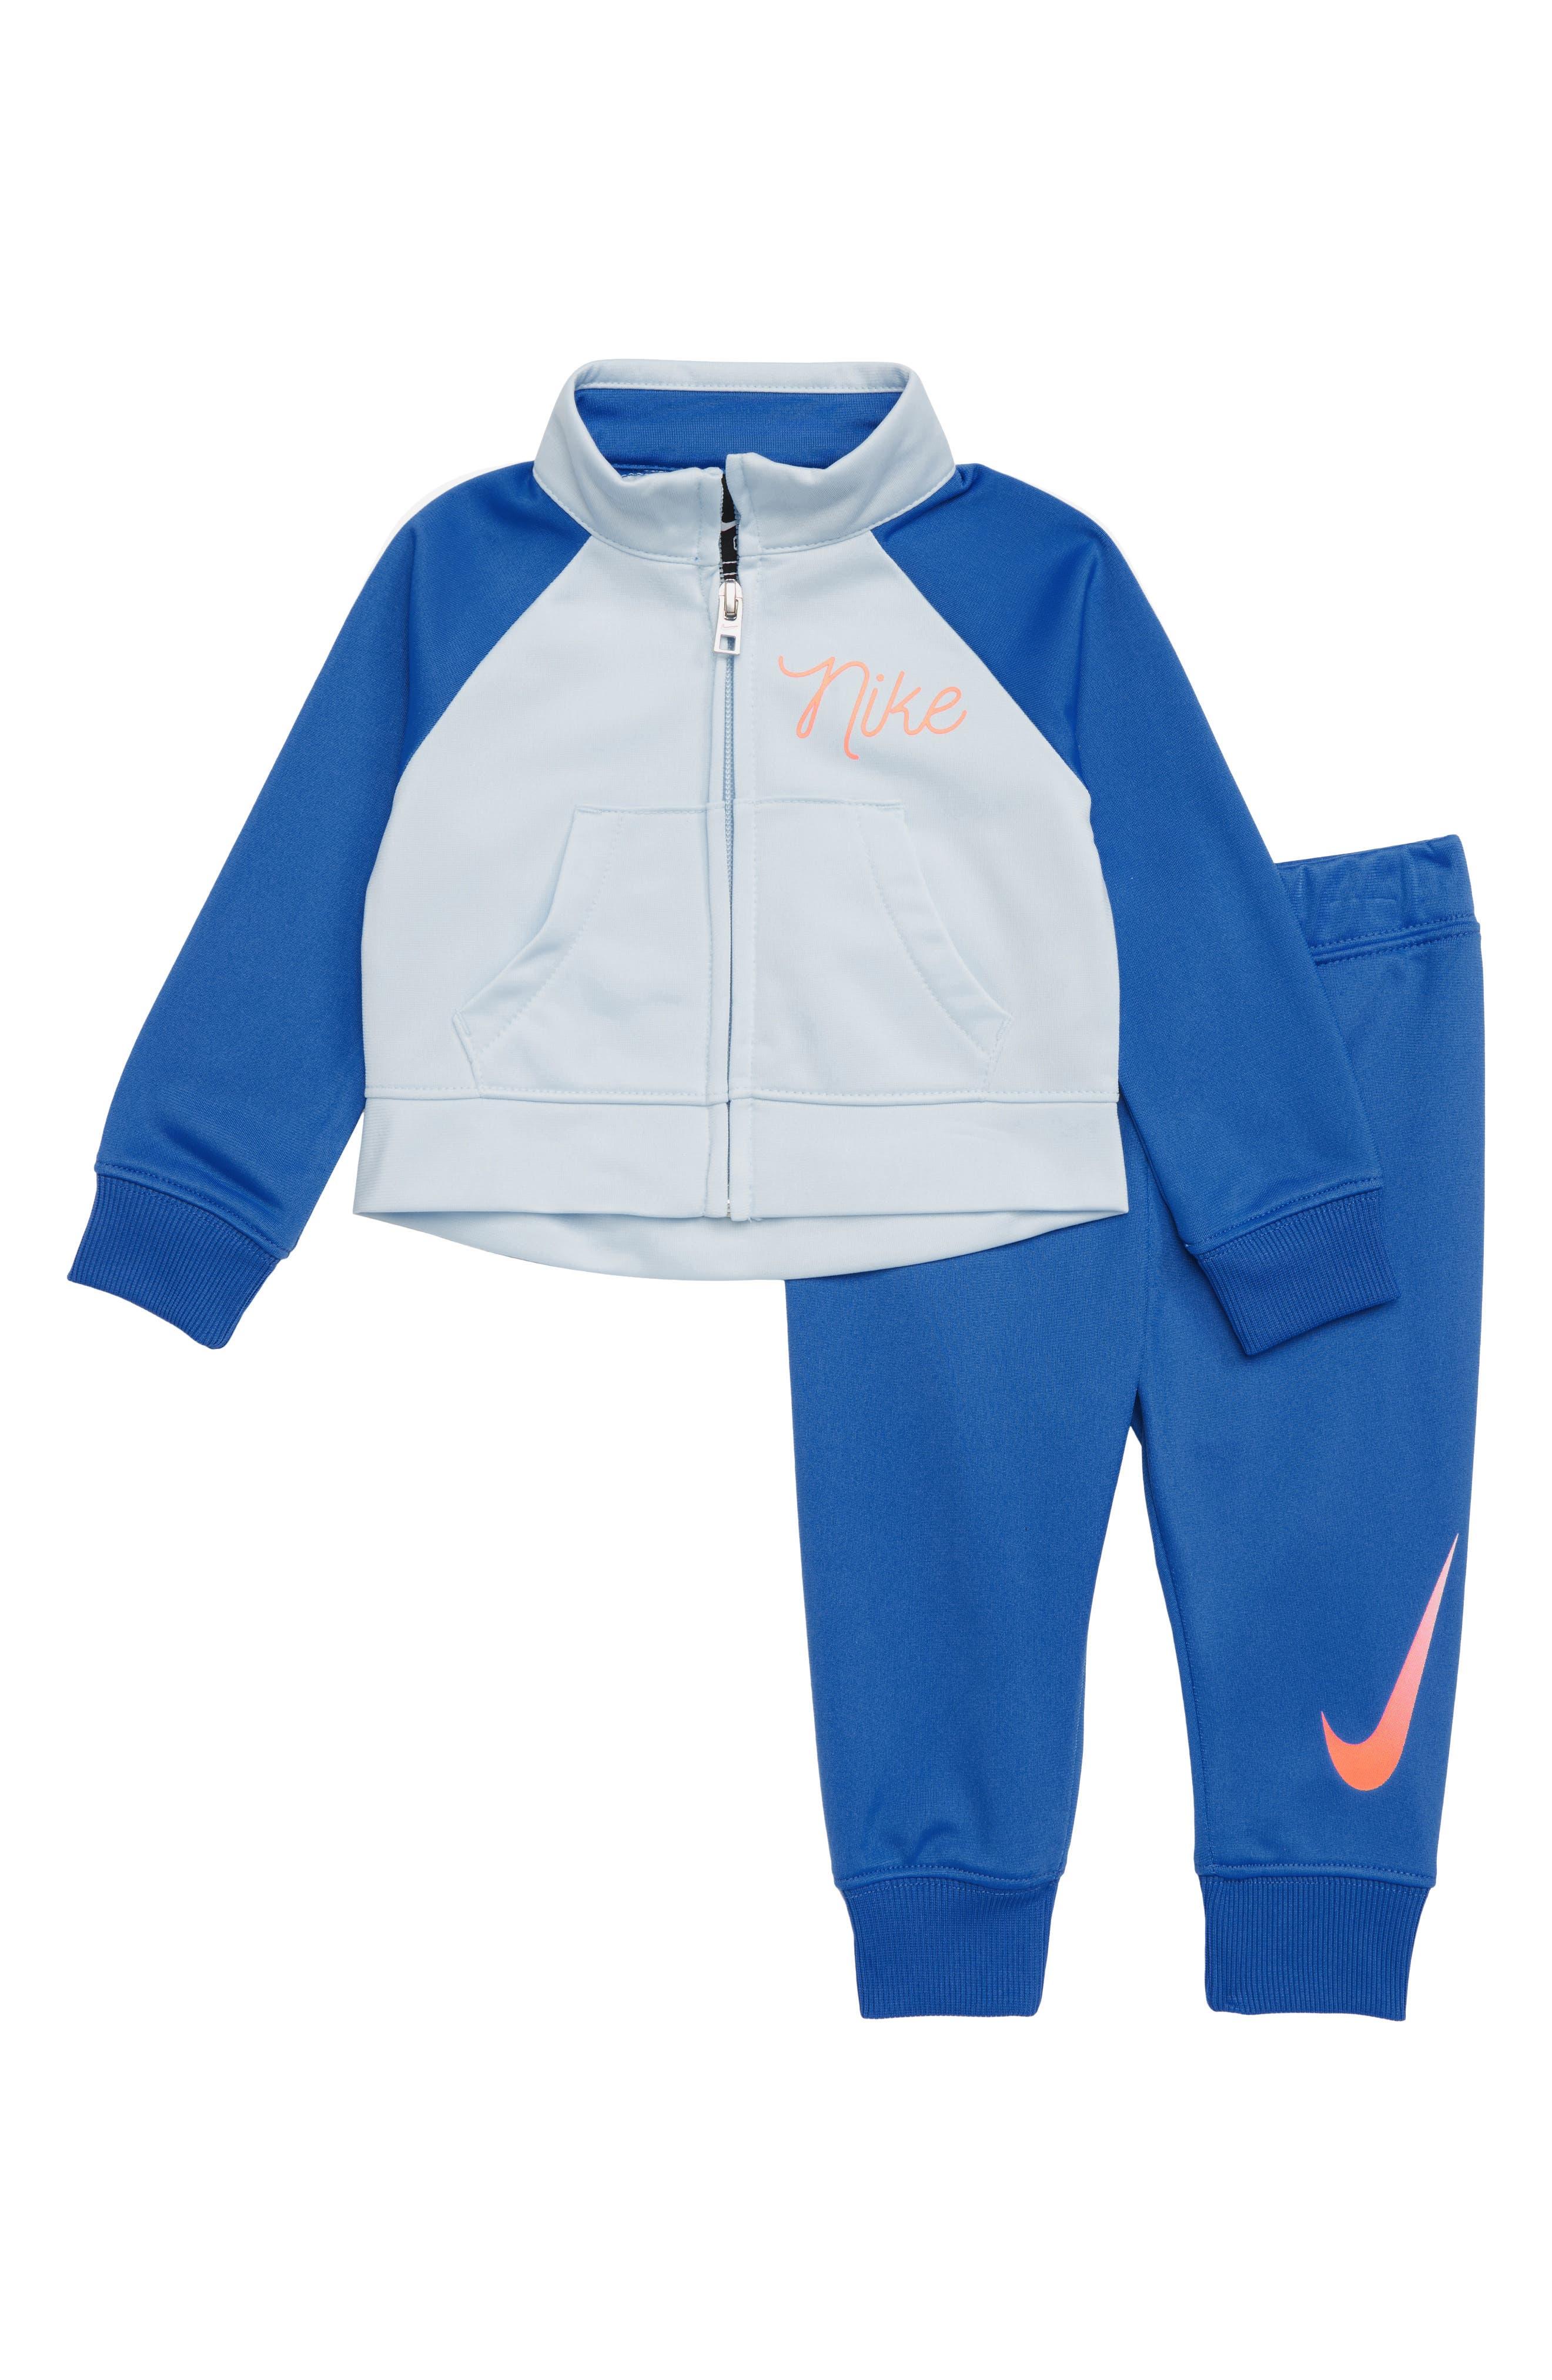 Swoosh Tricot Track Suit Set,                             Main thumbnail 1, color,                             SIGNAL BLUE